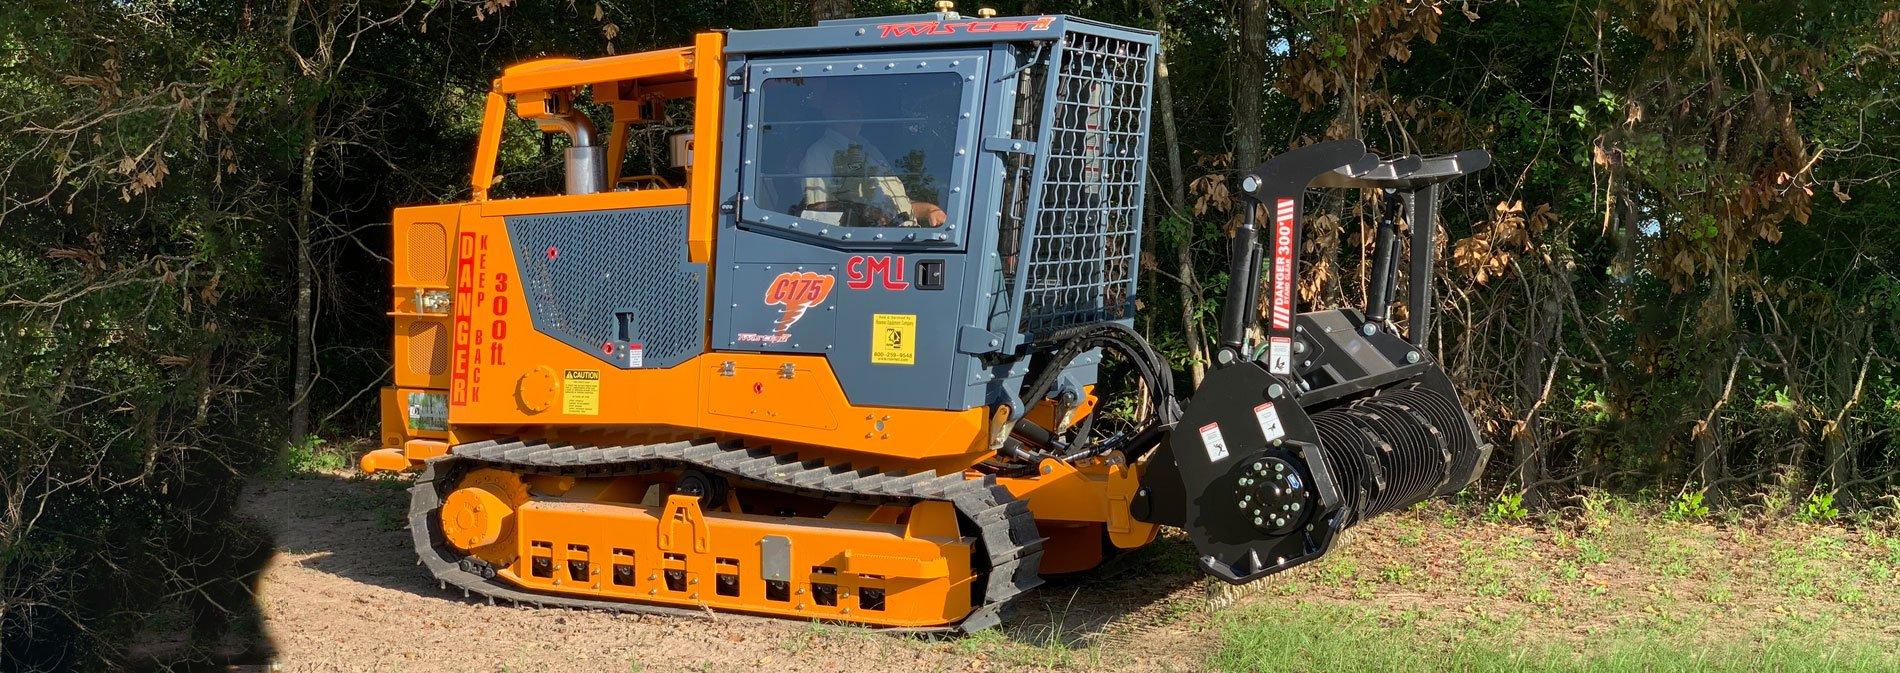 ROWMEC | Right of Way Maintenance Equipment Company, Inc